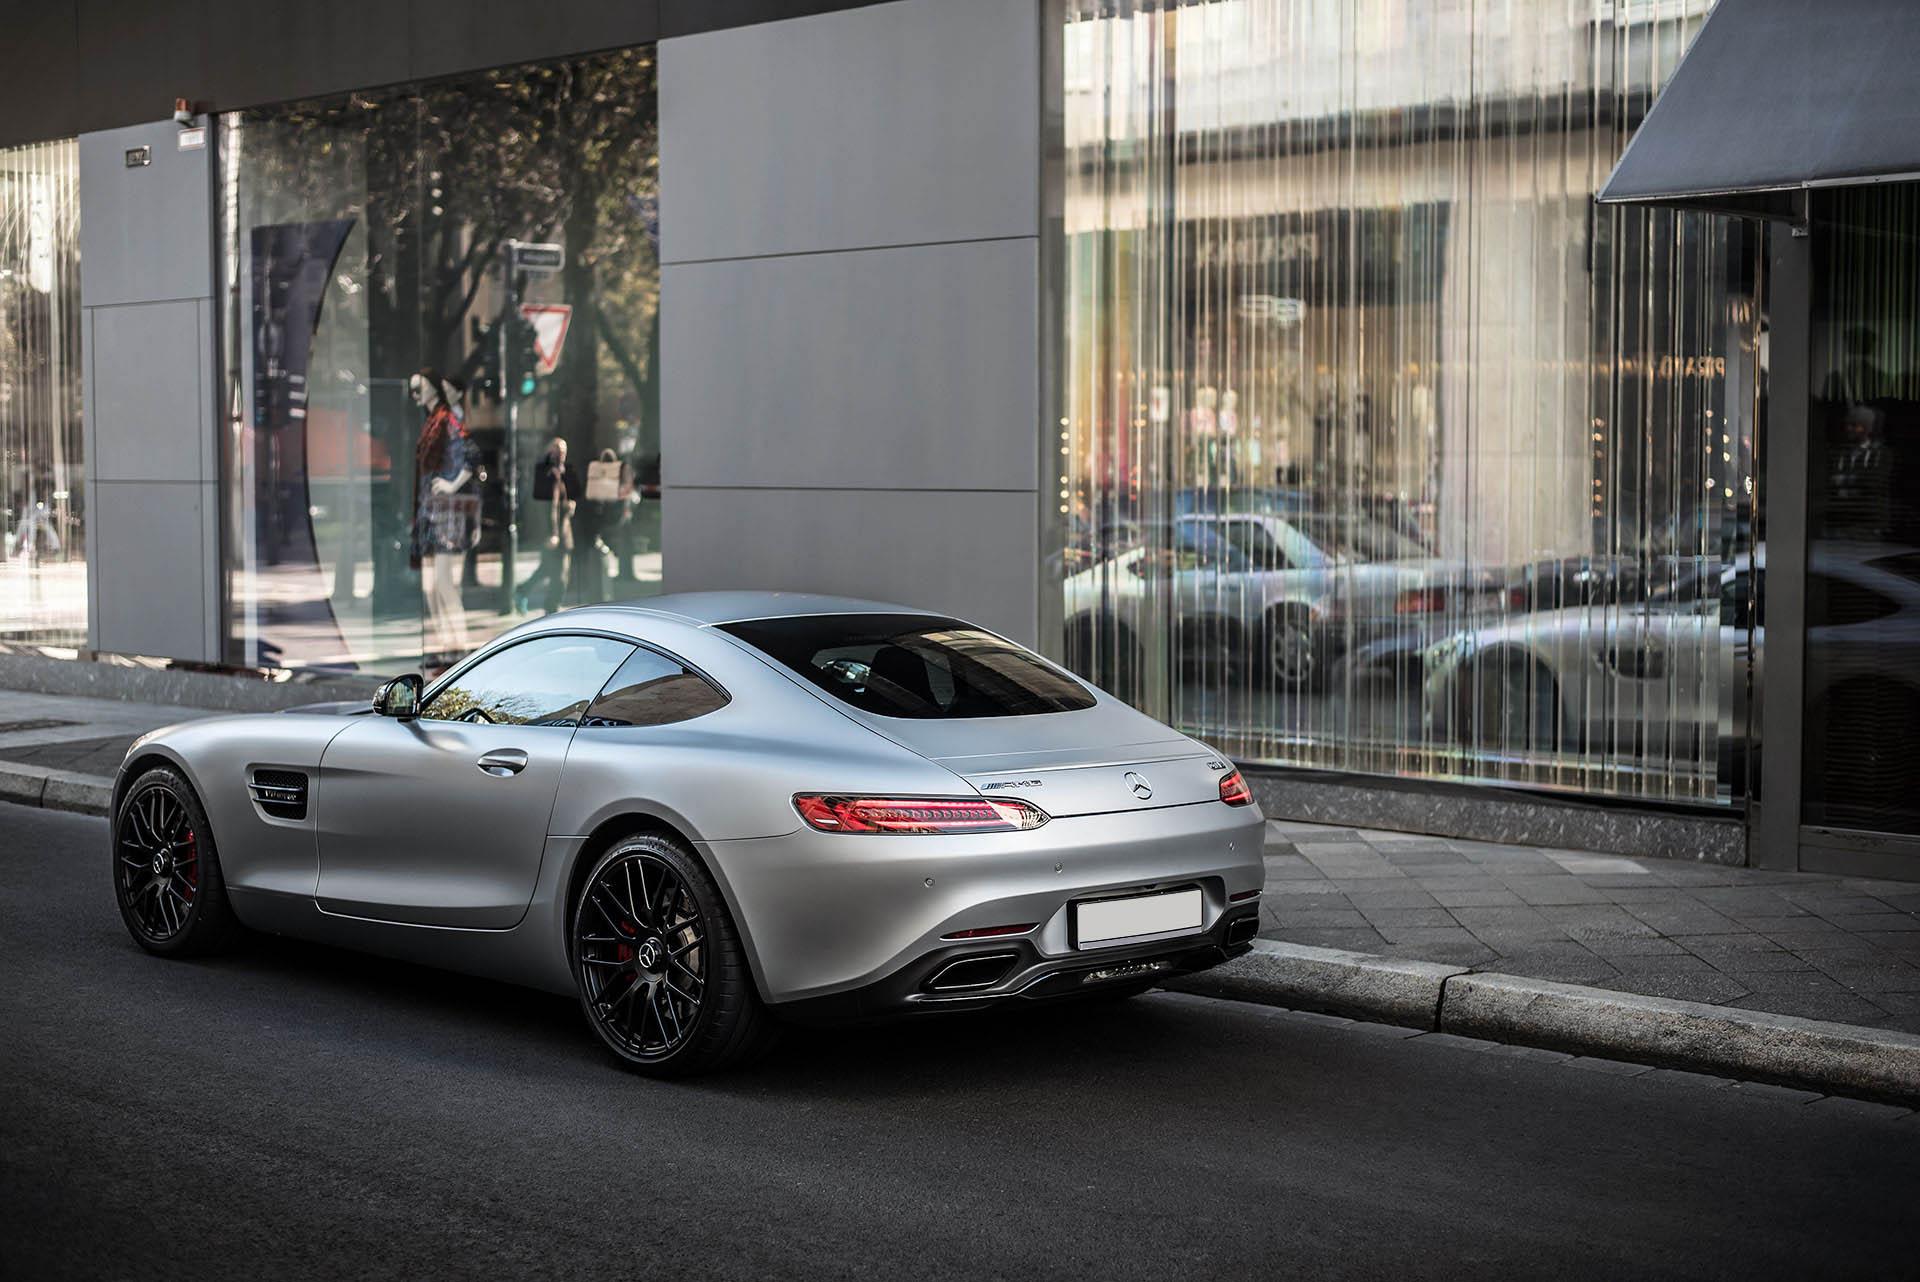 B+K_Sportwagen_Rheinland_GmbH_Mercedes_Benz_AMG_GTS_Silber_2